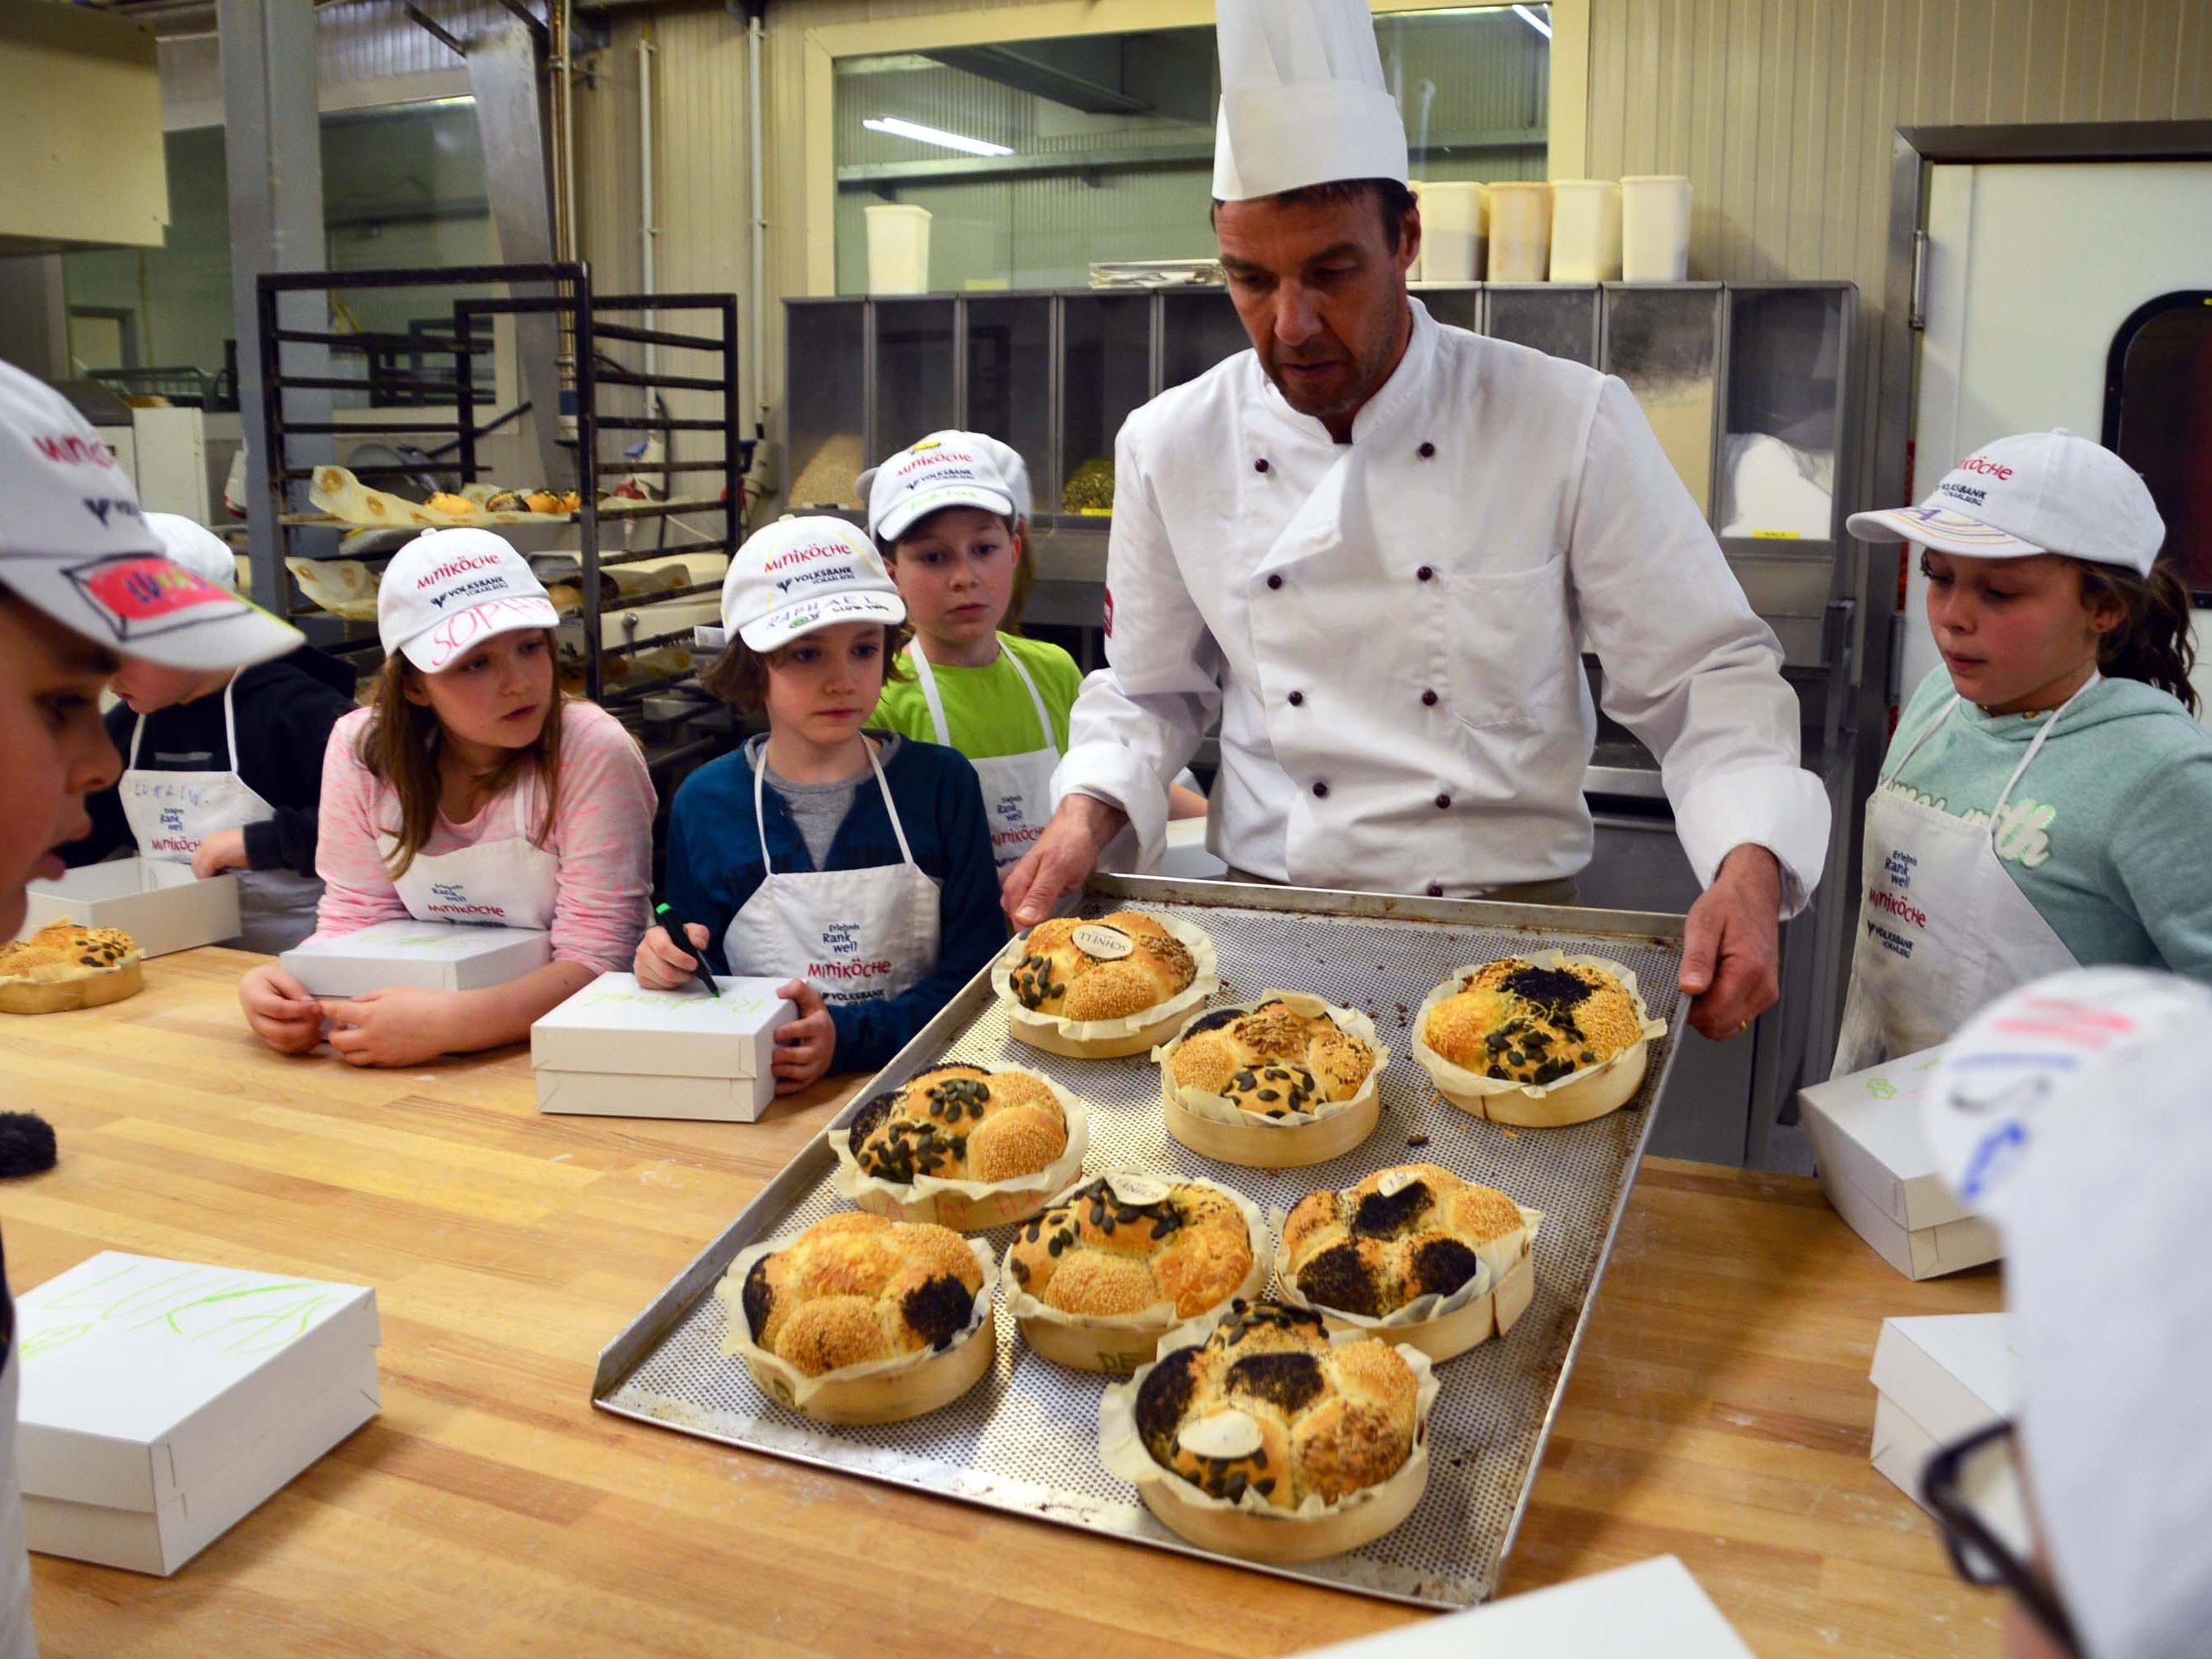 Zum Abschluss durften die Kinder das selbstgemachte Brot und einen frischen Kräuter-Topfenaufstrich mit nach Hause nehmen.